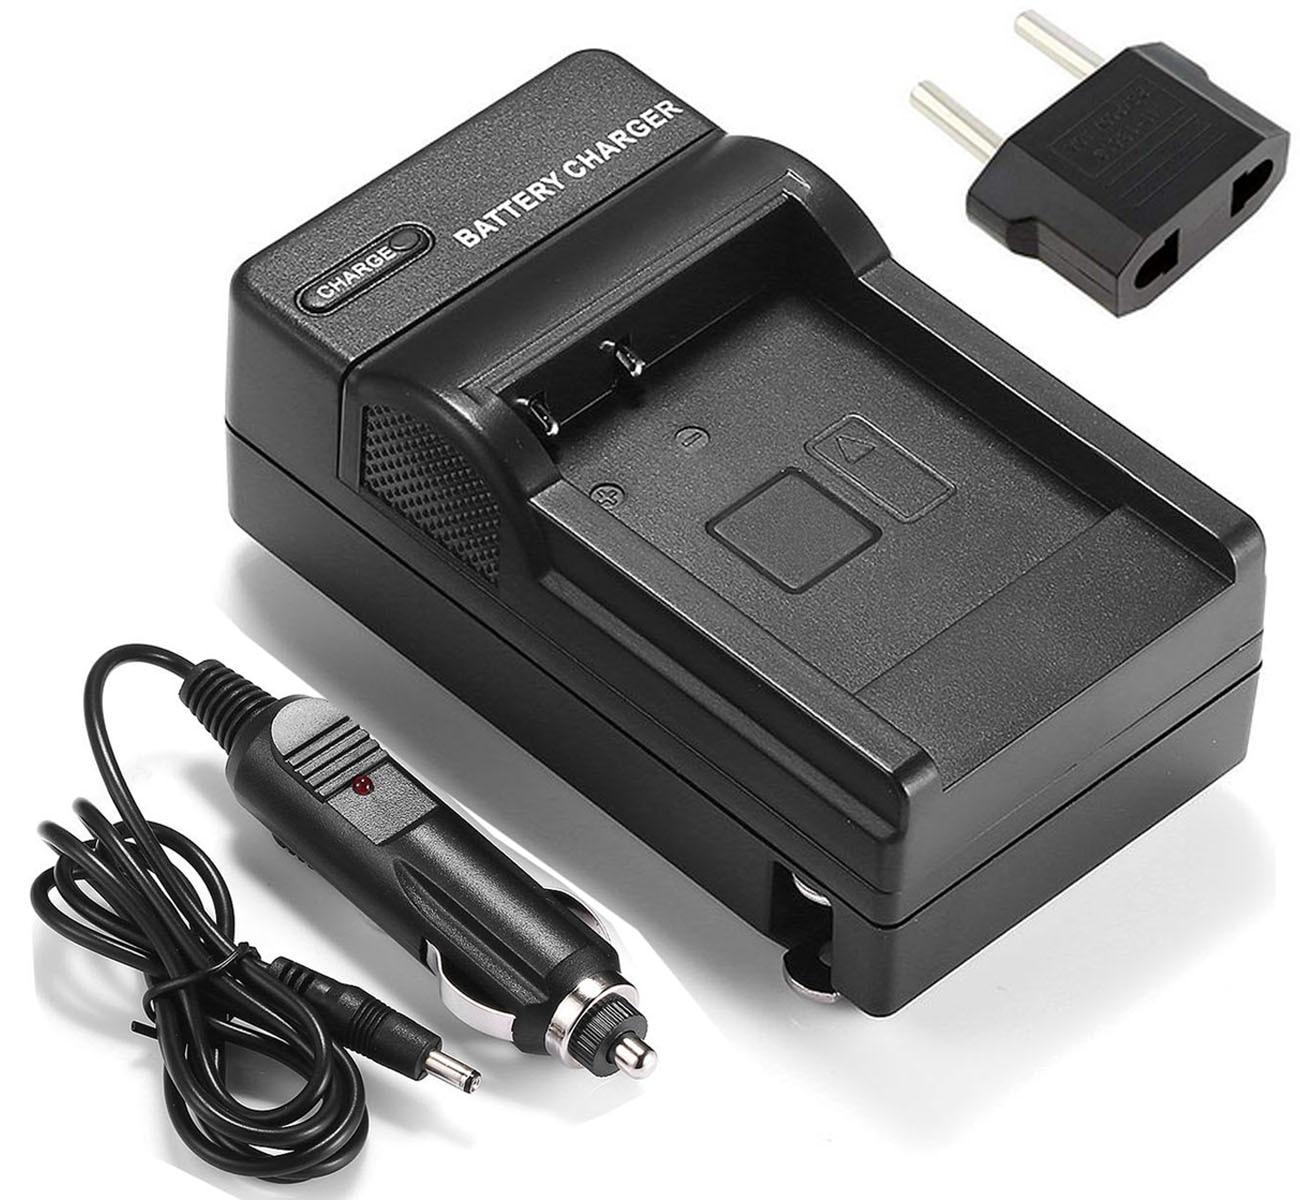 Carregador de Bateria para Jvc Hm180 Gy-hm180e Filmadora Gy-hm70e Gy-hm100e Gy-hm150e Hm170 Gy-hm170e